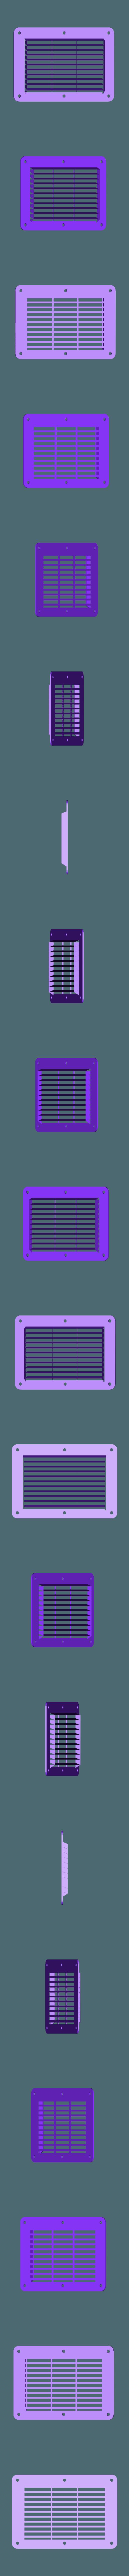 grille ventil 170x120.stl Télécharger fichier STL gratuit grilles de ventilation 3 modèles (ronde, rectangle et carrée) • Design imprimable en 3D, wilfranck